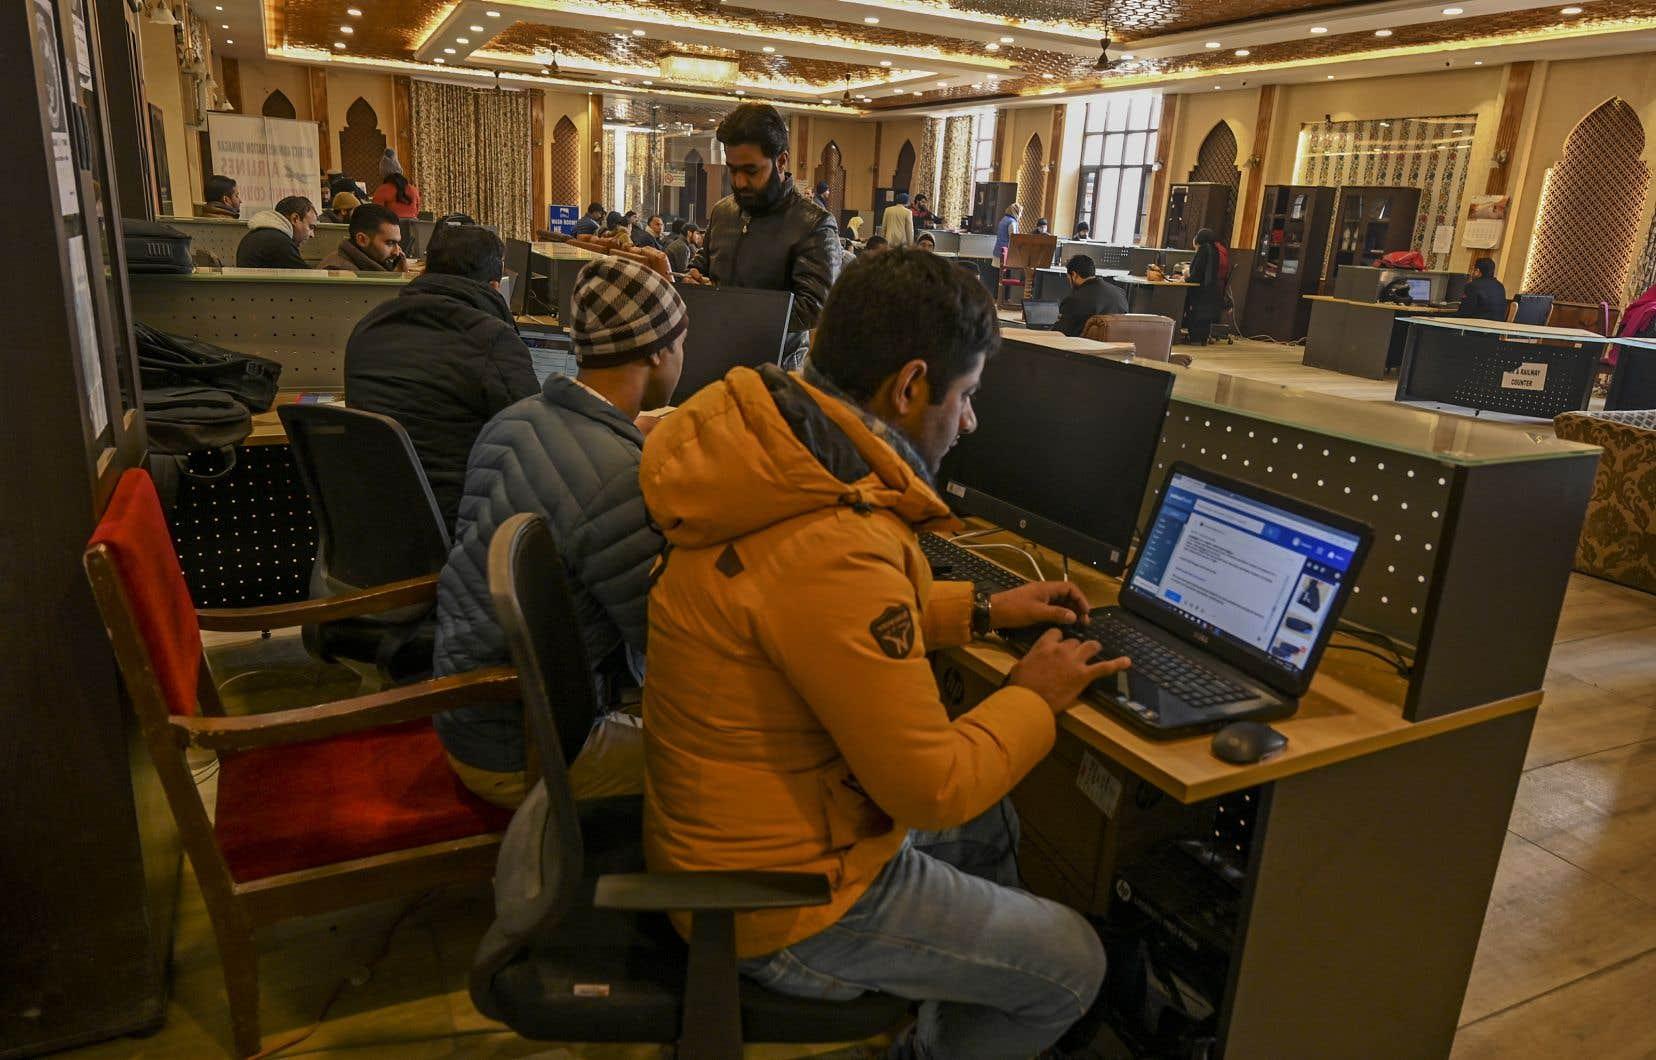 Les autorités indiennes ont établi une dizaine de kiosques Internet pour que le public puisse se connecter.